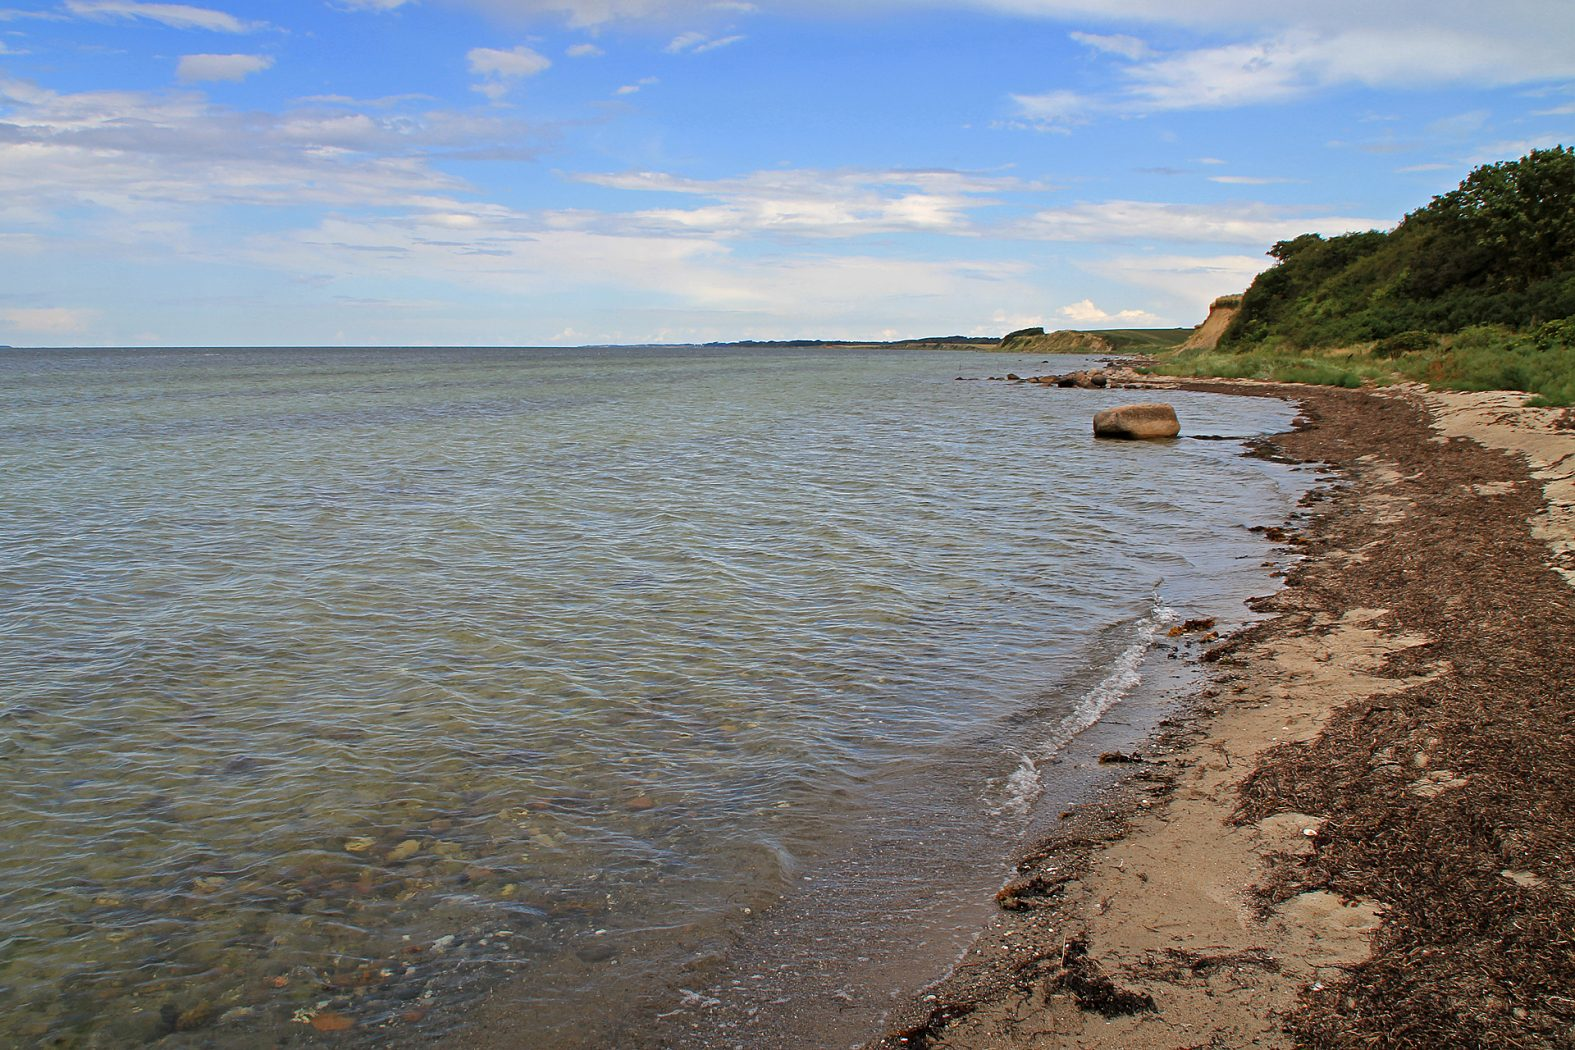 Meerforellenangeln an der Ostküste von Langeland